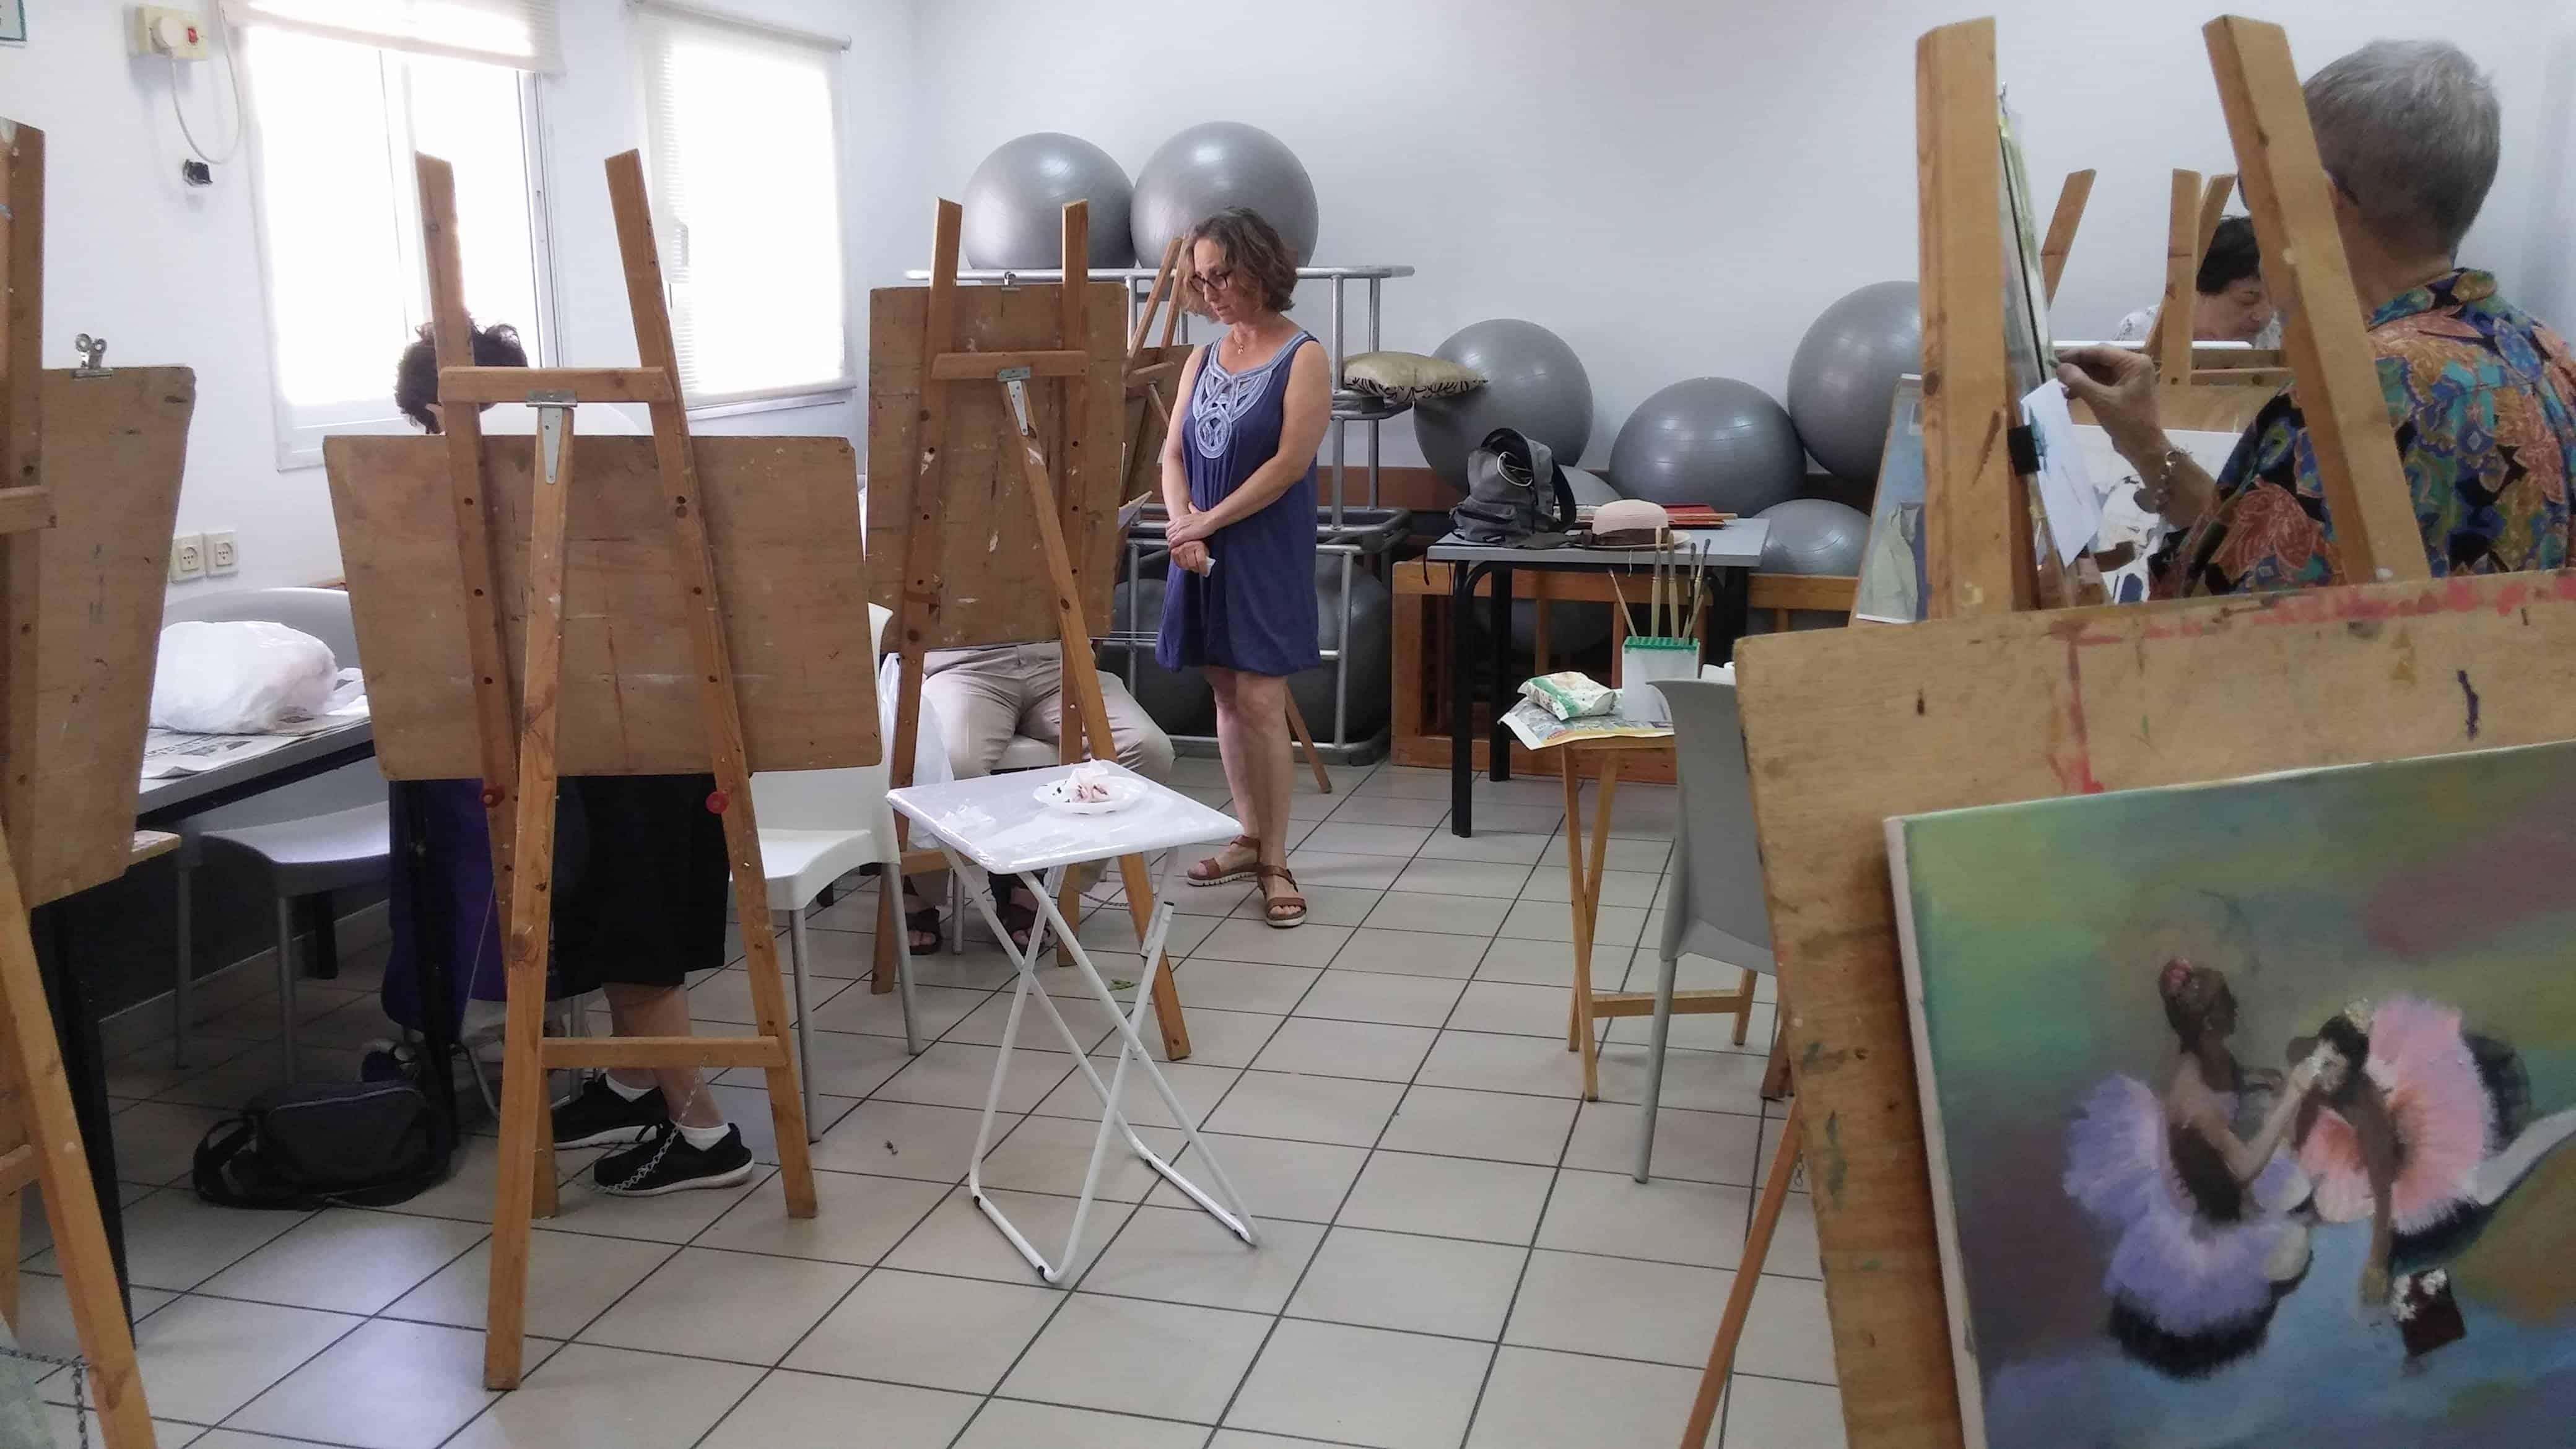 פעילות במועדון הקשישים, צילום: גלי דאו